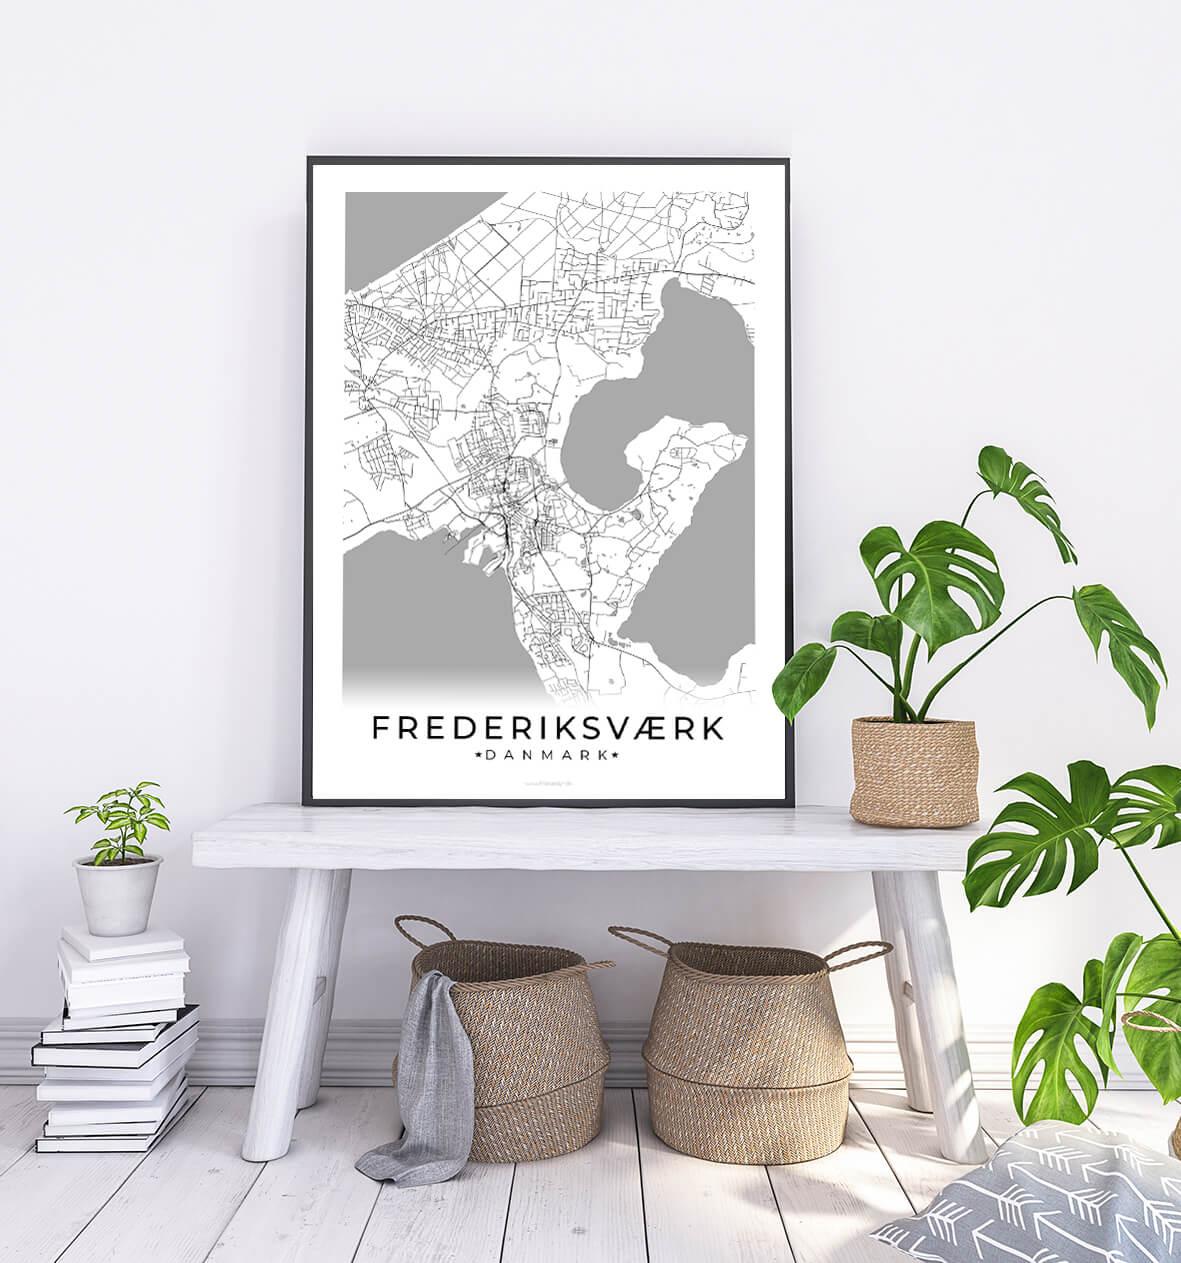 Frederiksvaerk-hvid-byplakat-1